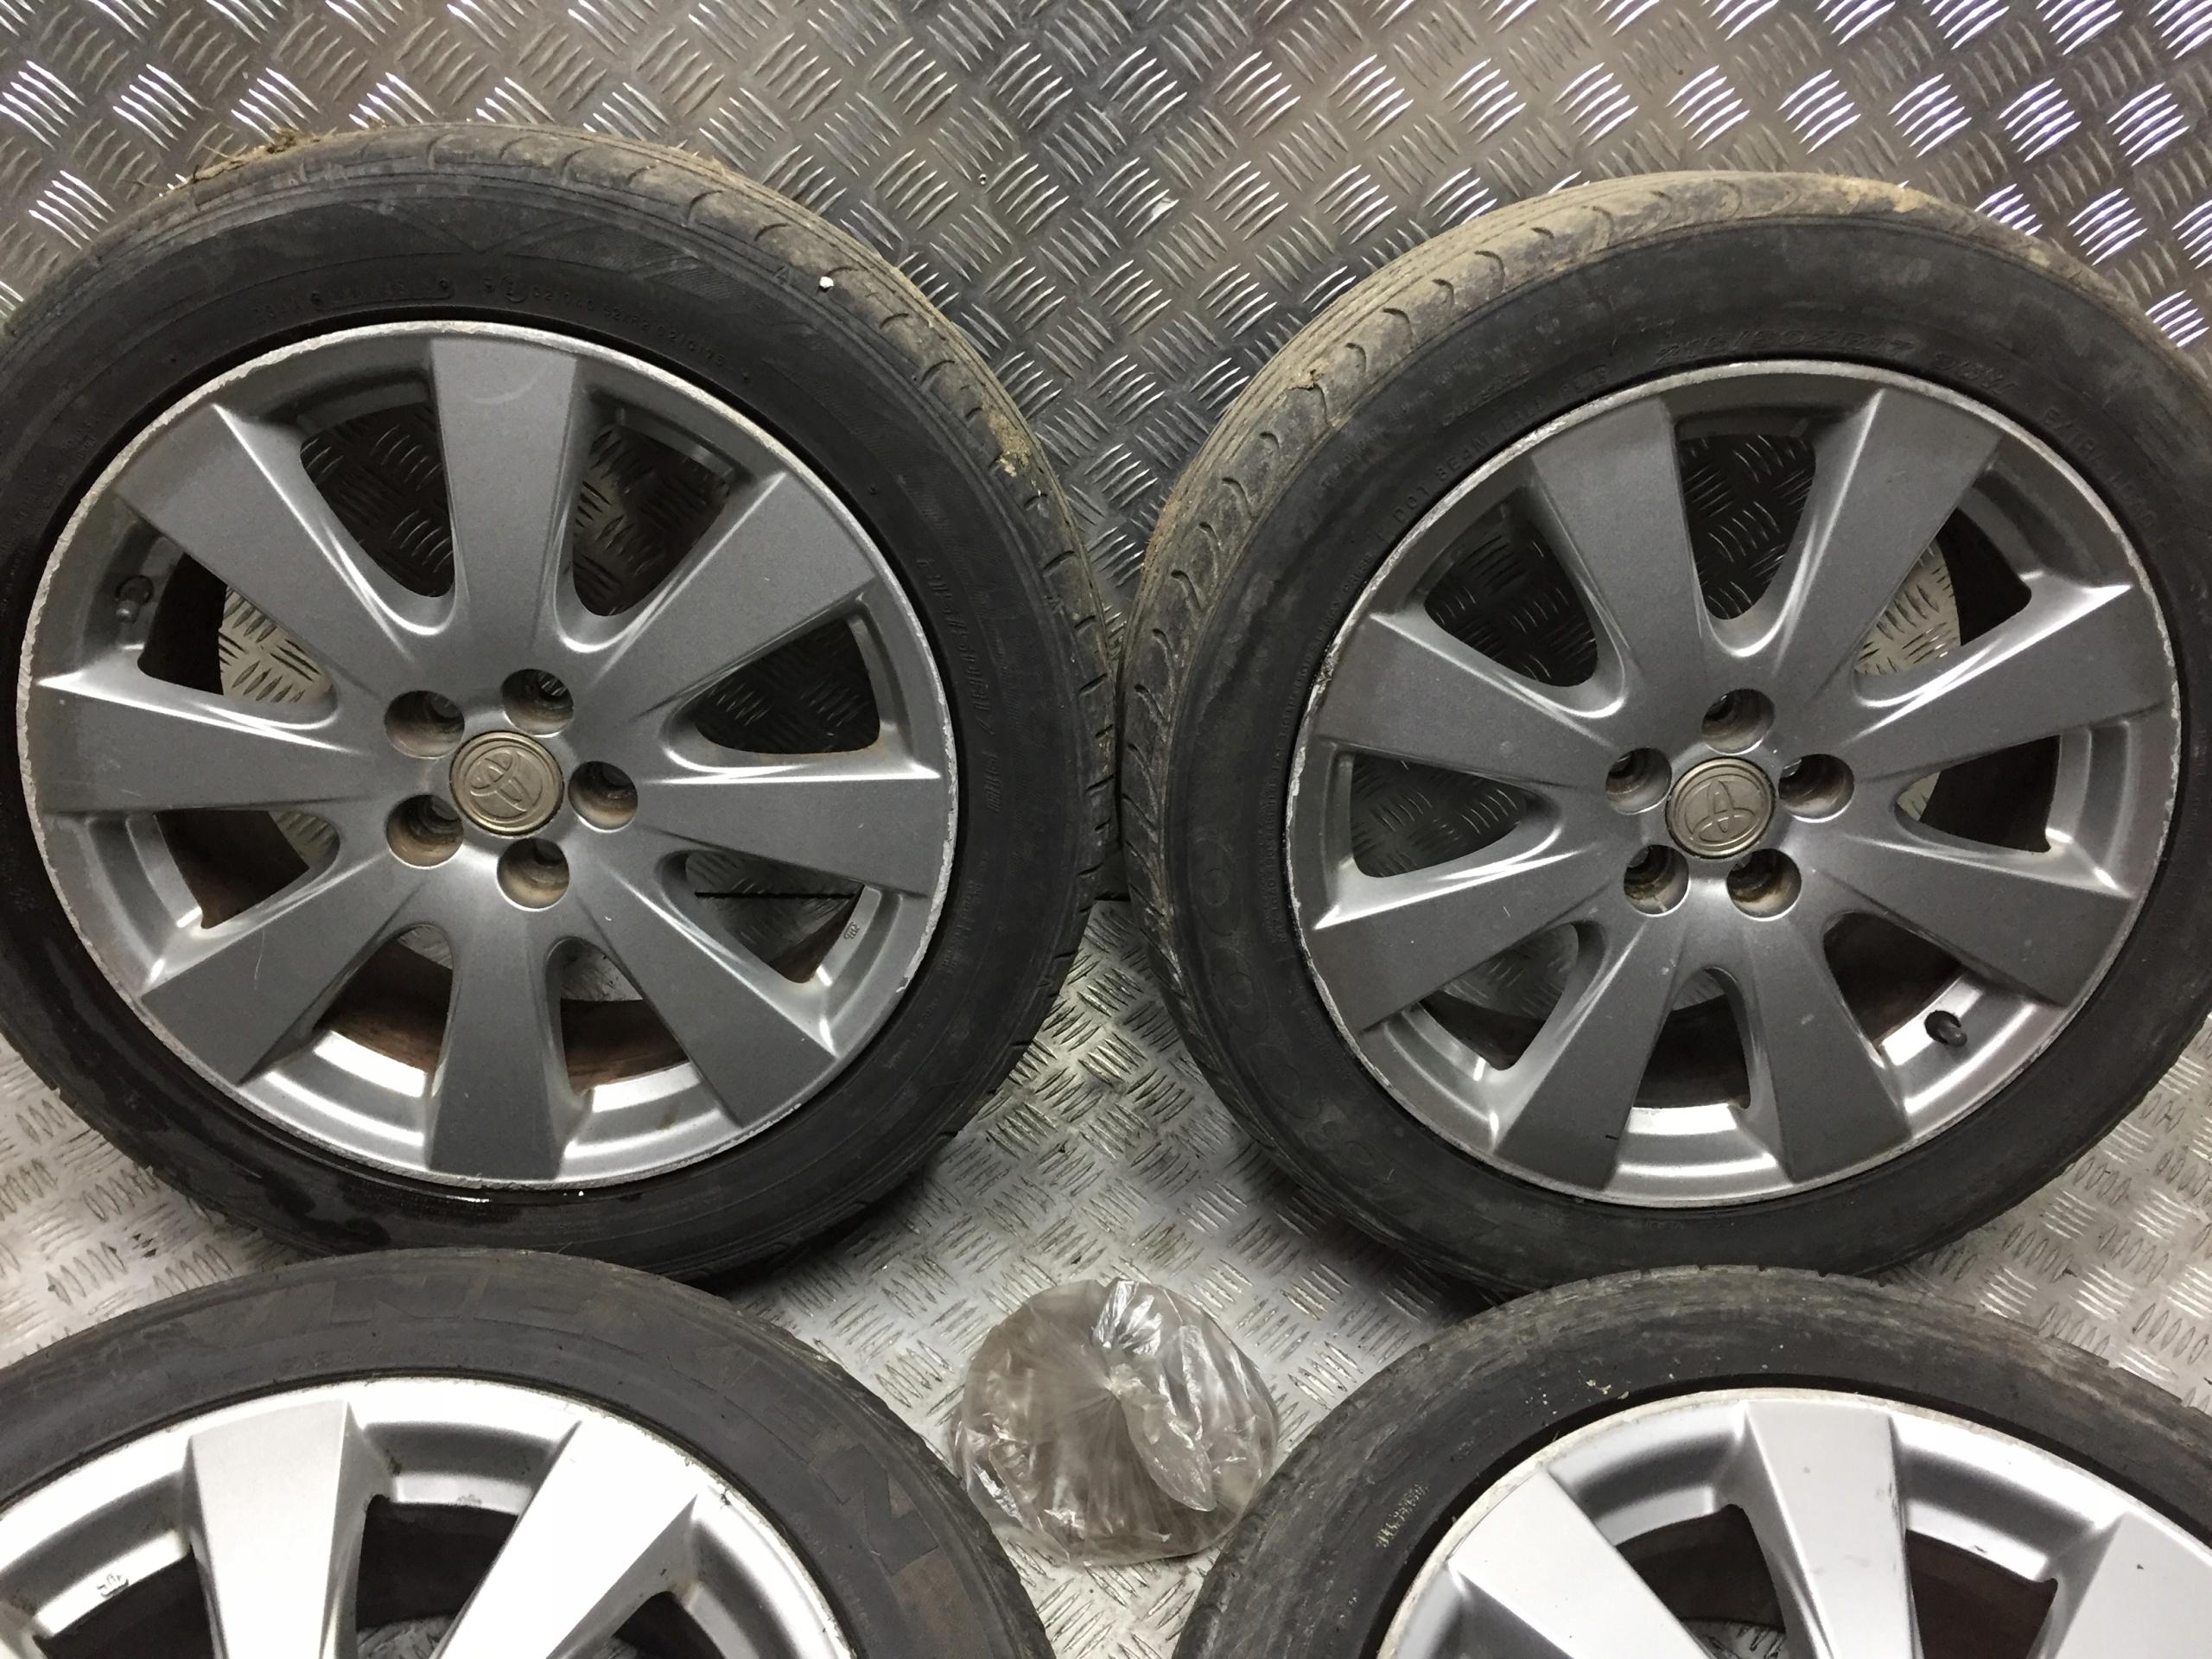 toyota avensis t25 2 колёса алюминиевые колёсные диски alusy r17 5x100